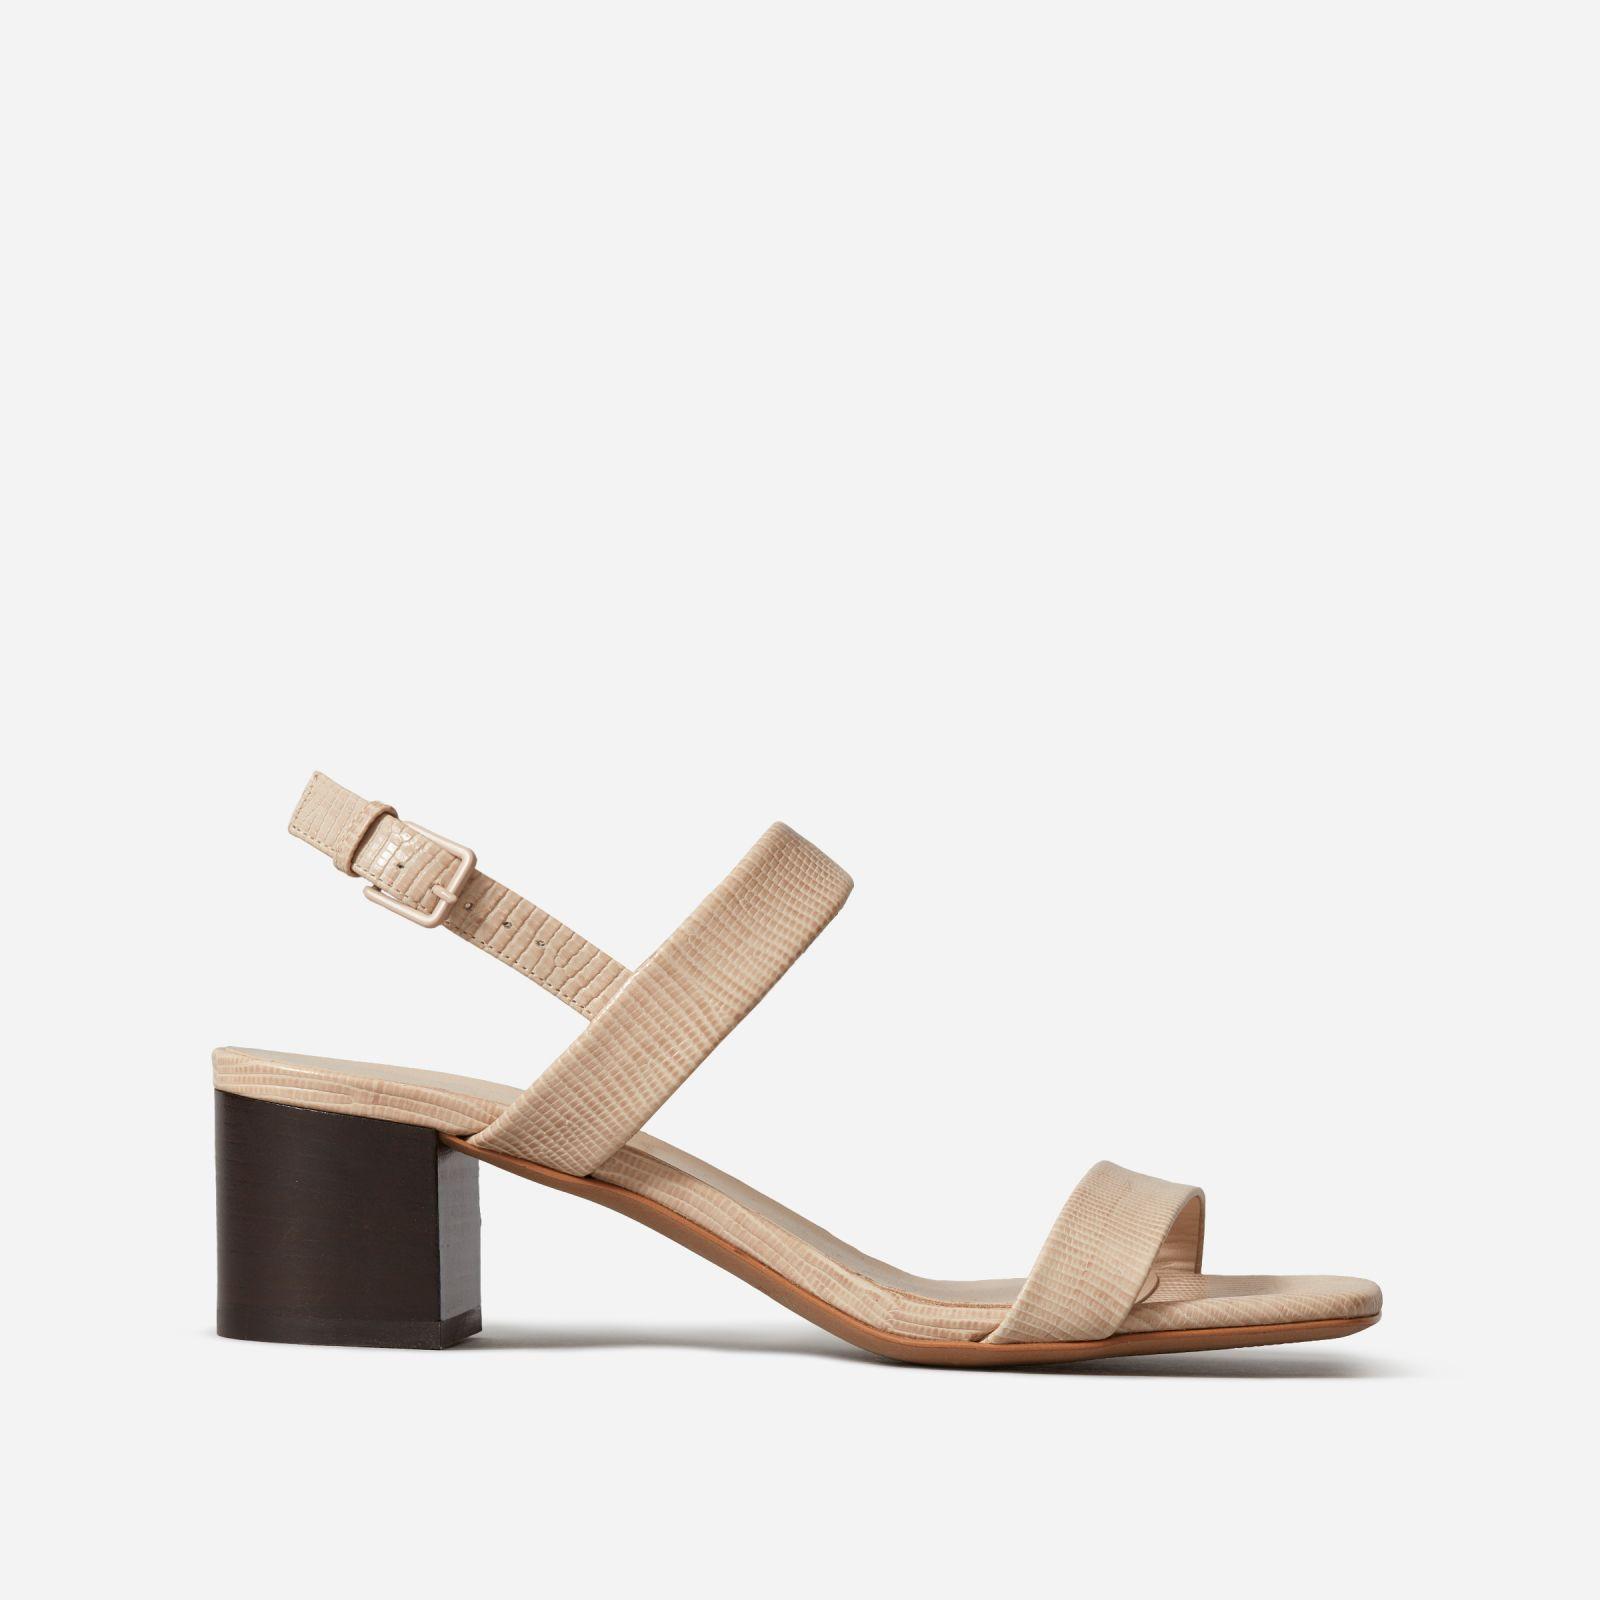 women's double-strap block heel sandal by everlane in sand lizard, size 11